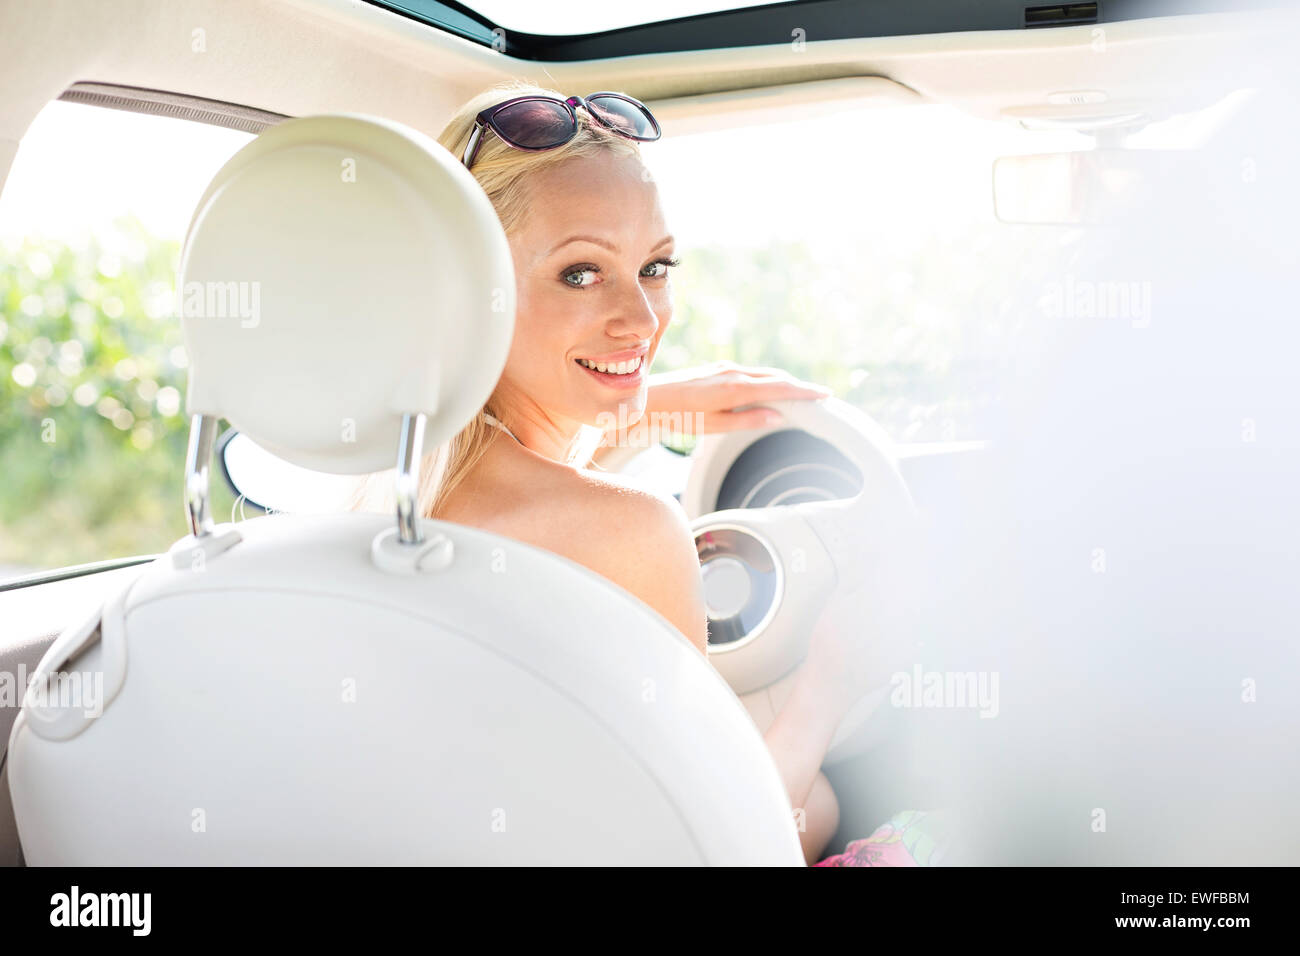 Vue arrière portrait of happy woman driving car Photo Stock